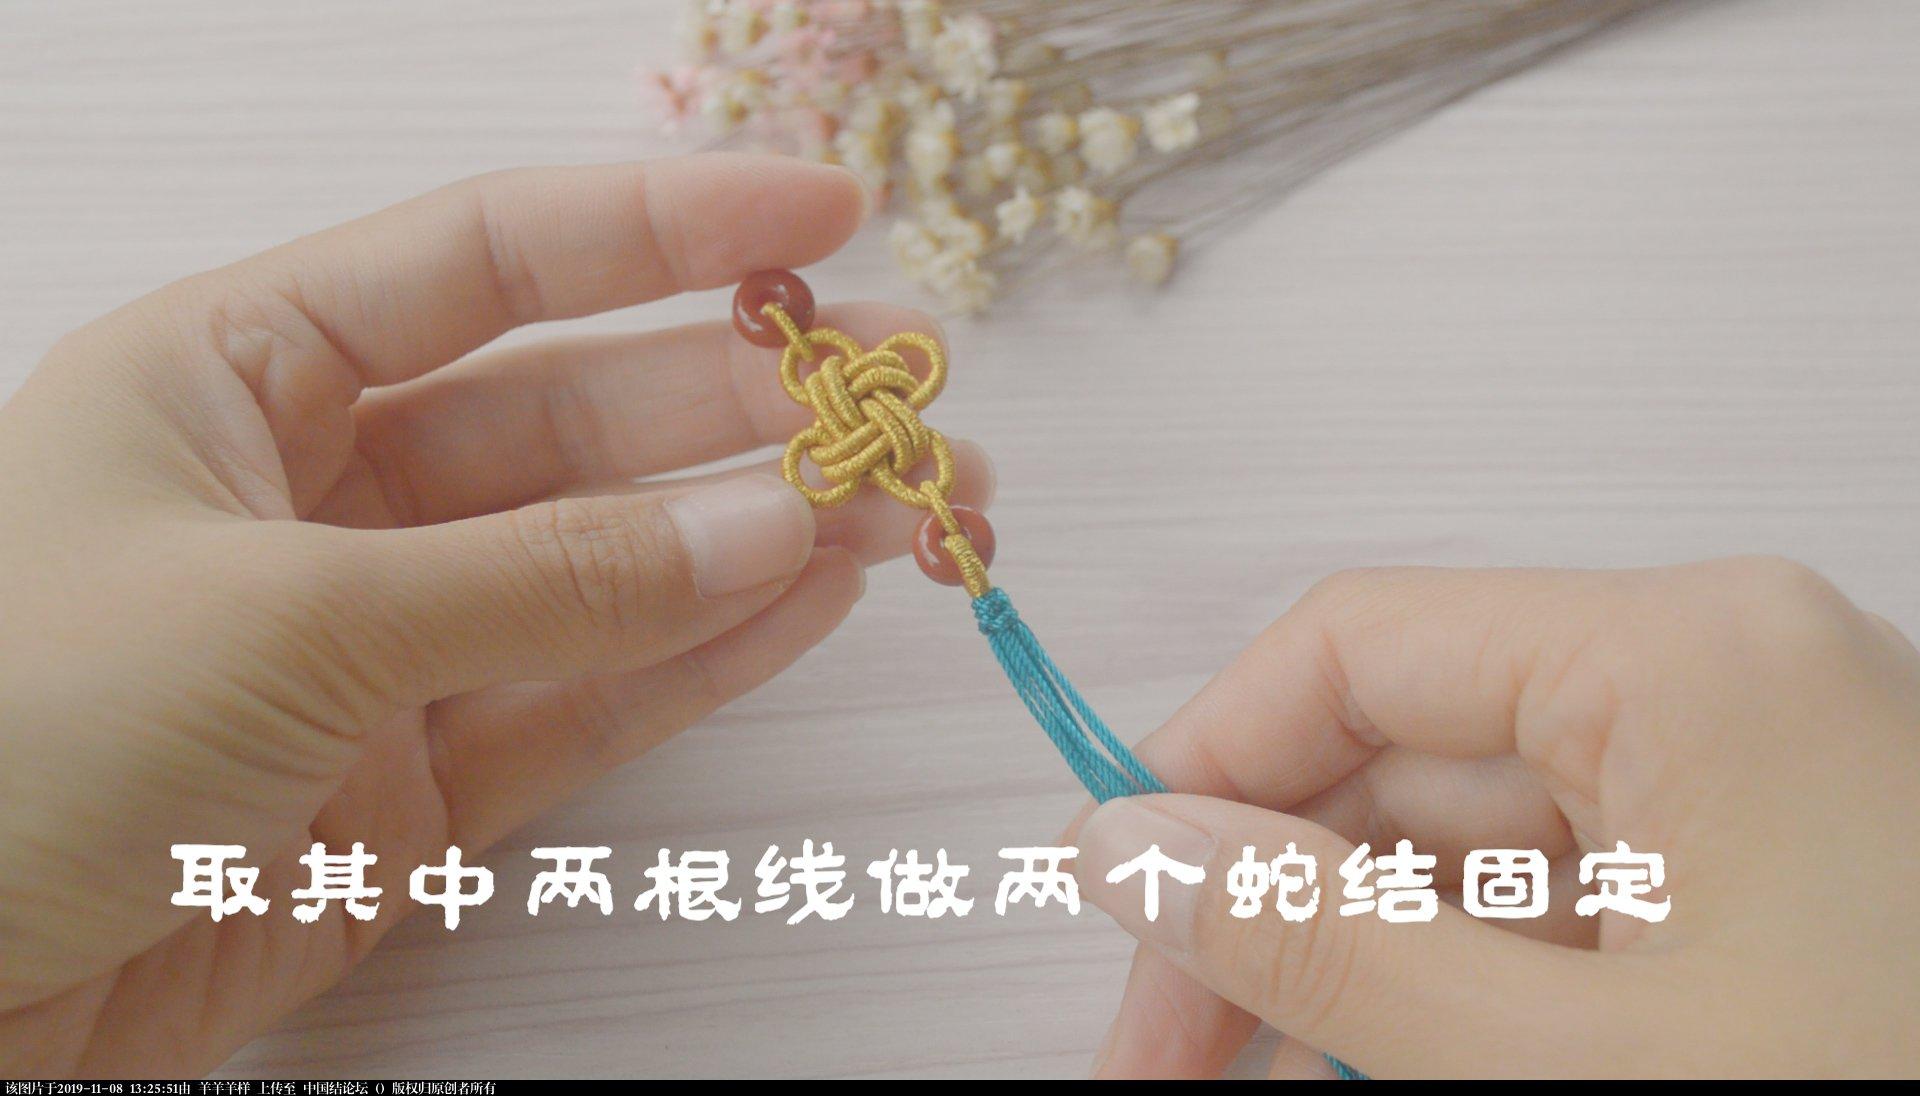 中国结论坛 冰花结只会用来做挂件?试试做一款属于自己的毛衣链,附视频教程  图文教程区 131813c0jtosrieri9ioes